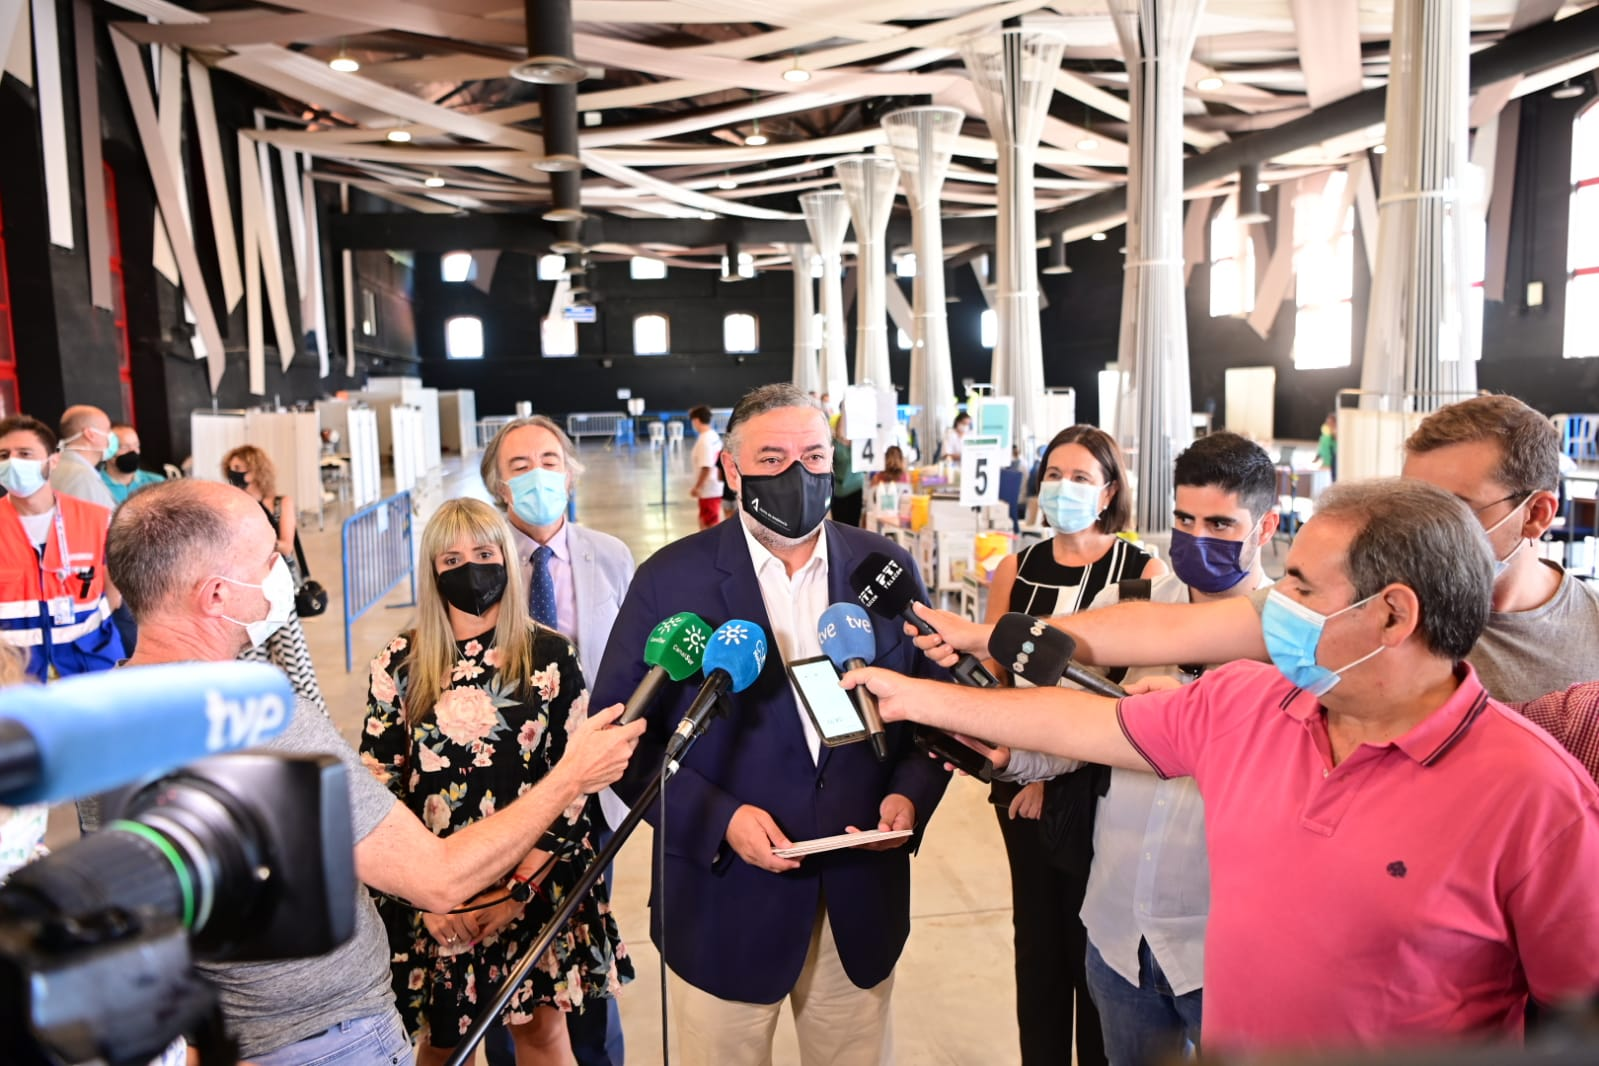 La Junta concluye la actividad de vacunación en Fermasa tras 400.000 vacunas suministradas